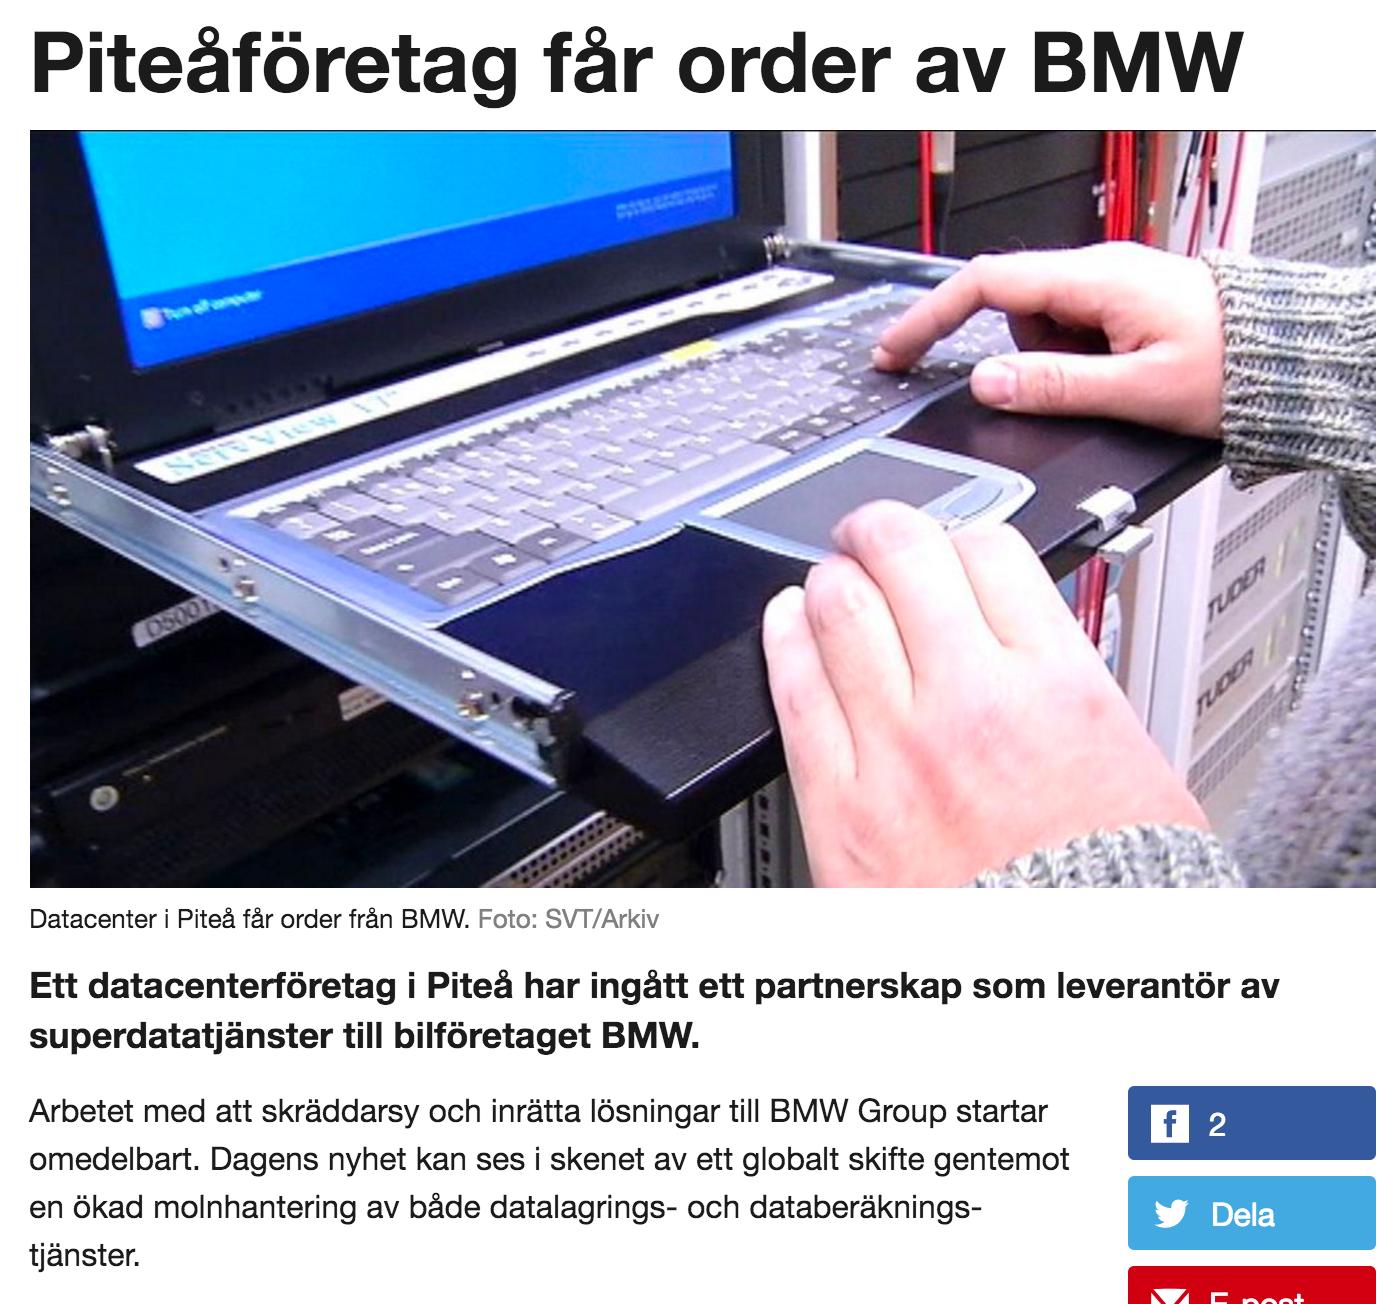 Piteåföretag_får_order_av_BMW_-_Nyheter___SVT_se